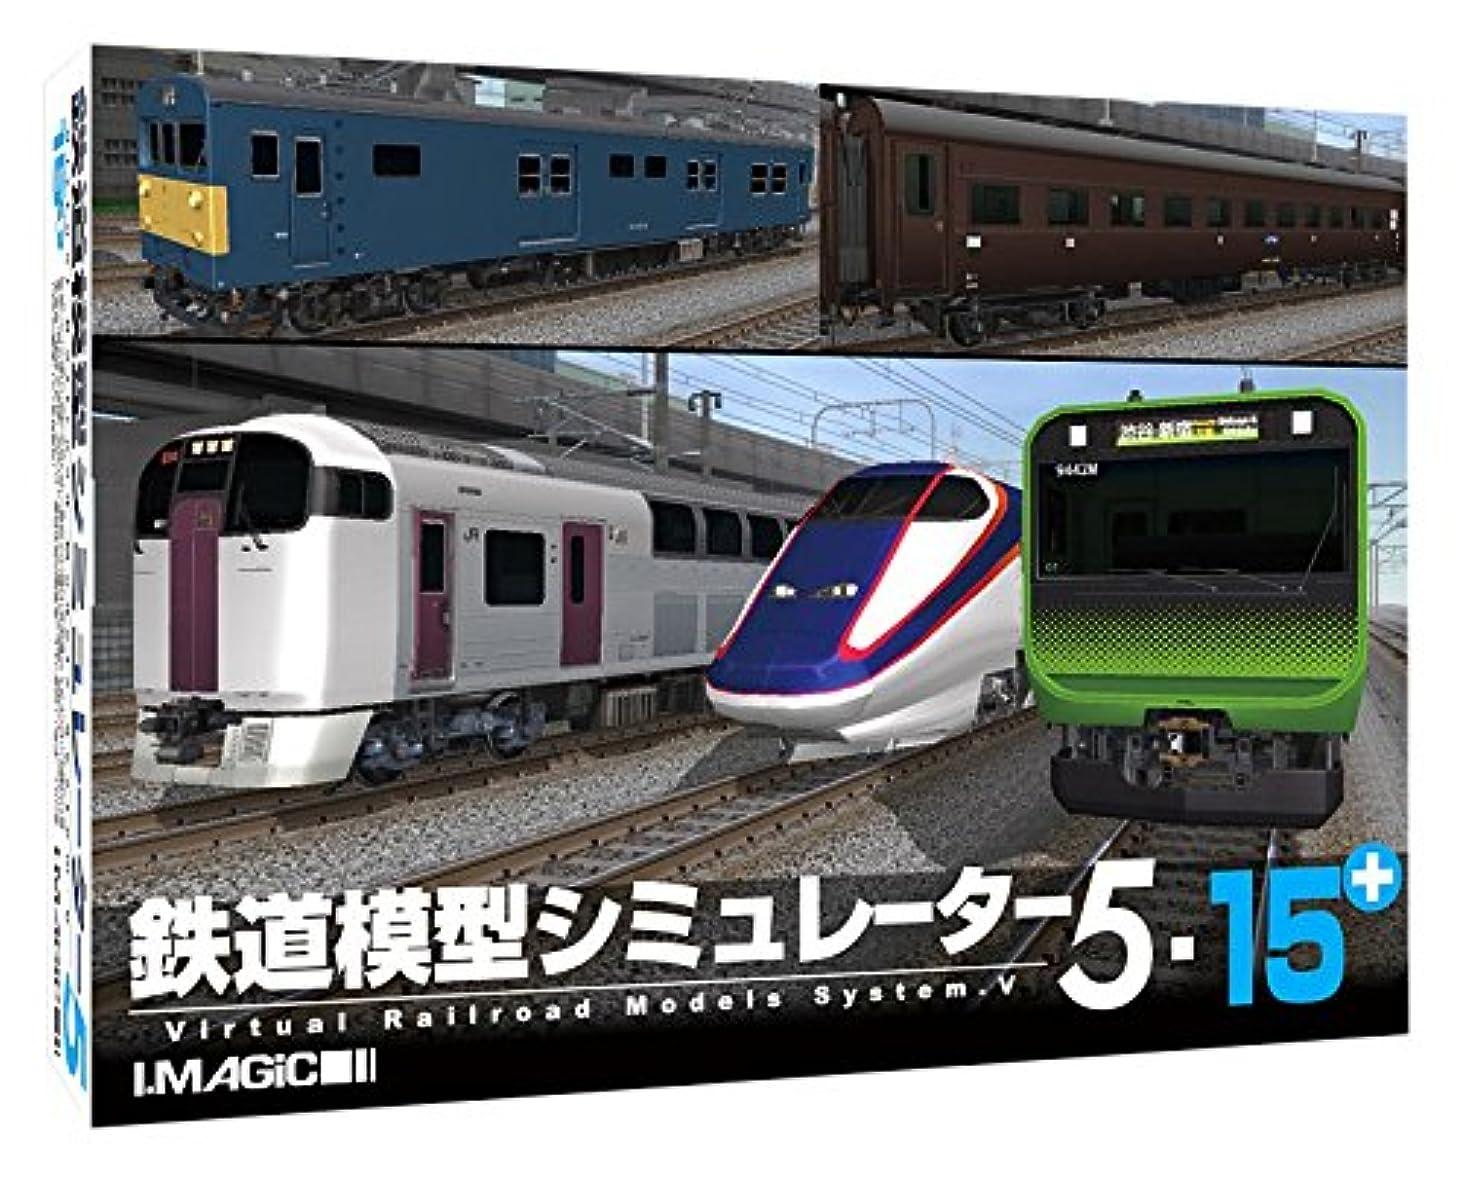 下手確かめるロボット鉄道模型シミュレーター5-15+